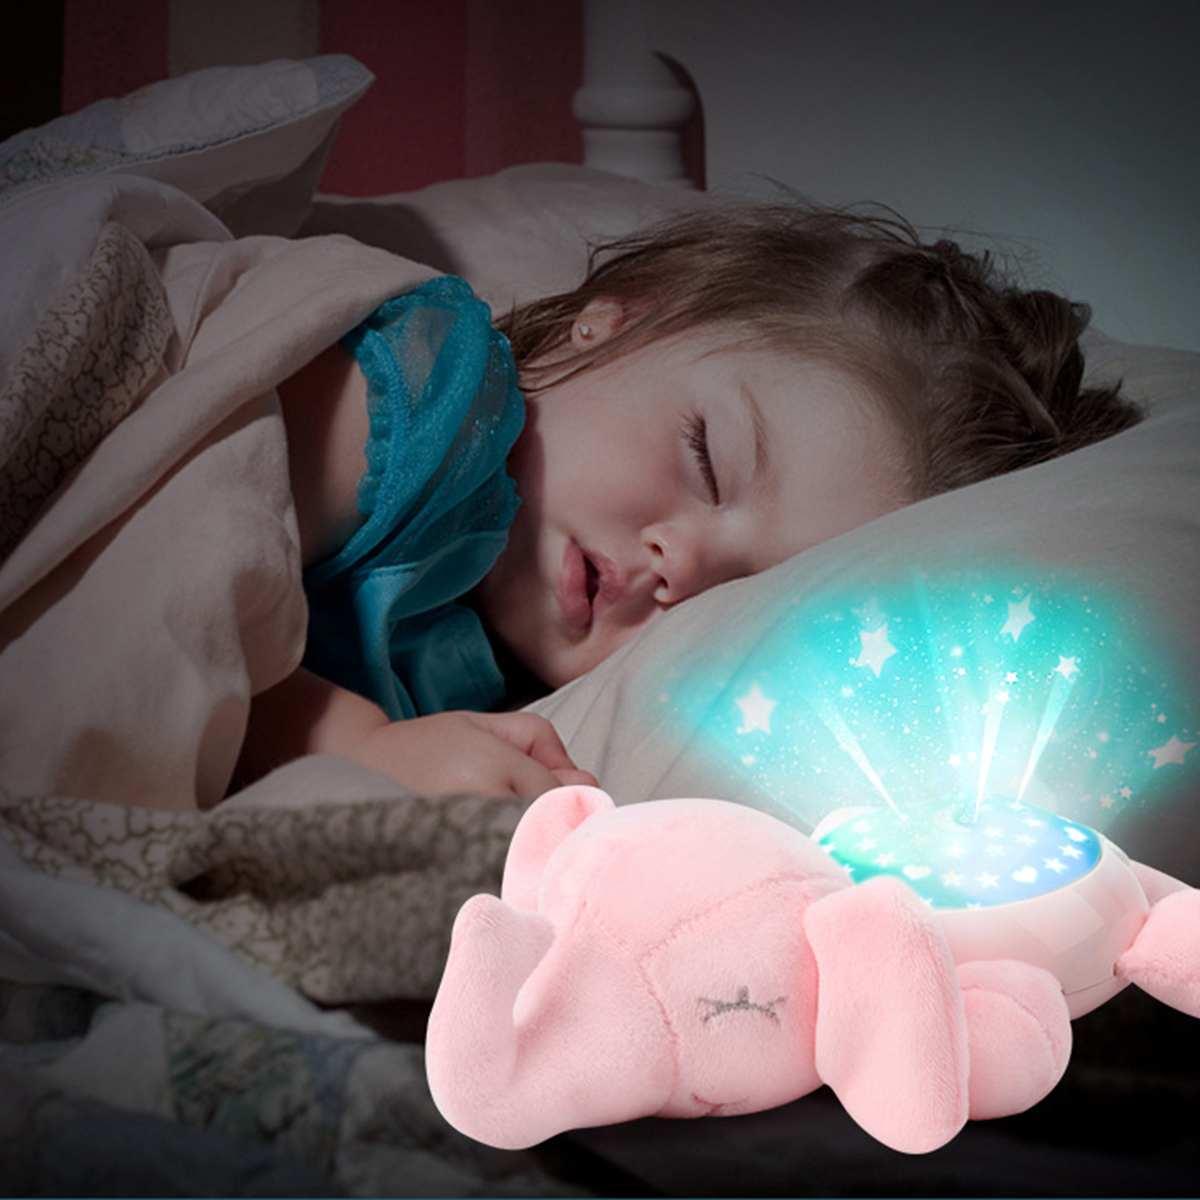 Luz Led de noche estrellas proyector juguetes para bebés para niños dormir con luz colorida luminosa música Animal lámpara de peluche juguete Regalo De chico